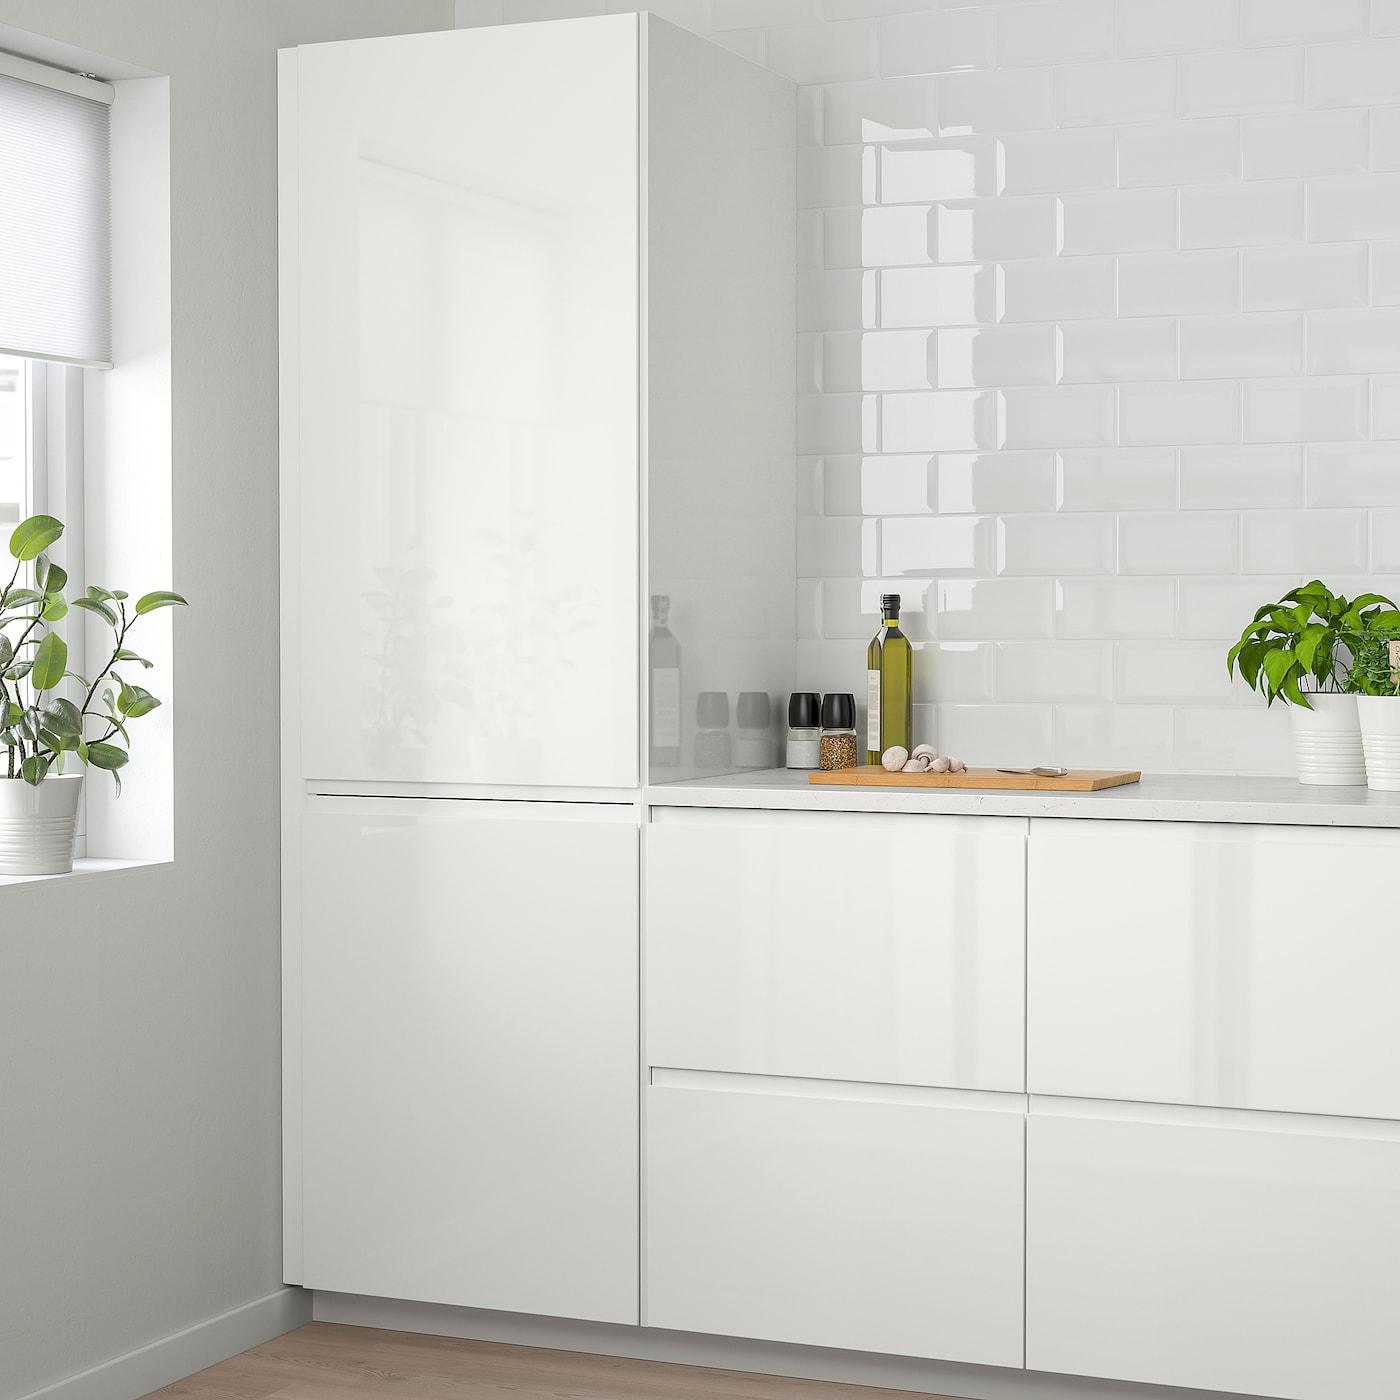 Full Size of Ikea Küchenzeile Voxtorp Tr Hochglanz Wei Deutschland Küche Kosten Kaufen Miniküche Modulküche Betten 160x200 Bei Sofa Mit Schlaffunktion Wohnzimmer Ikea Küchenzeile